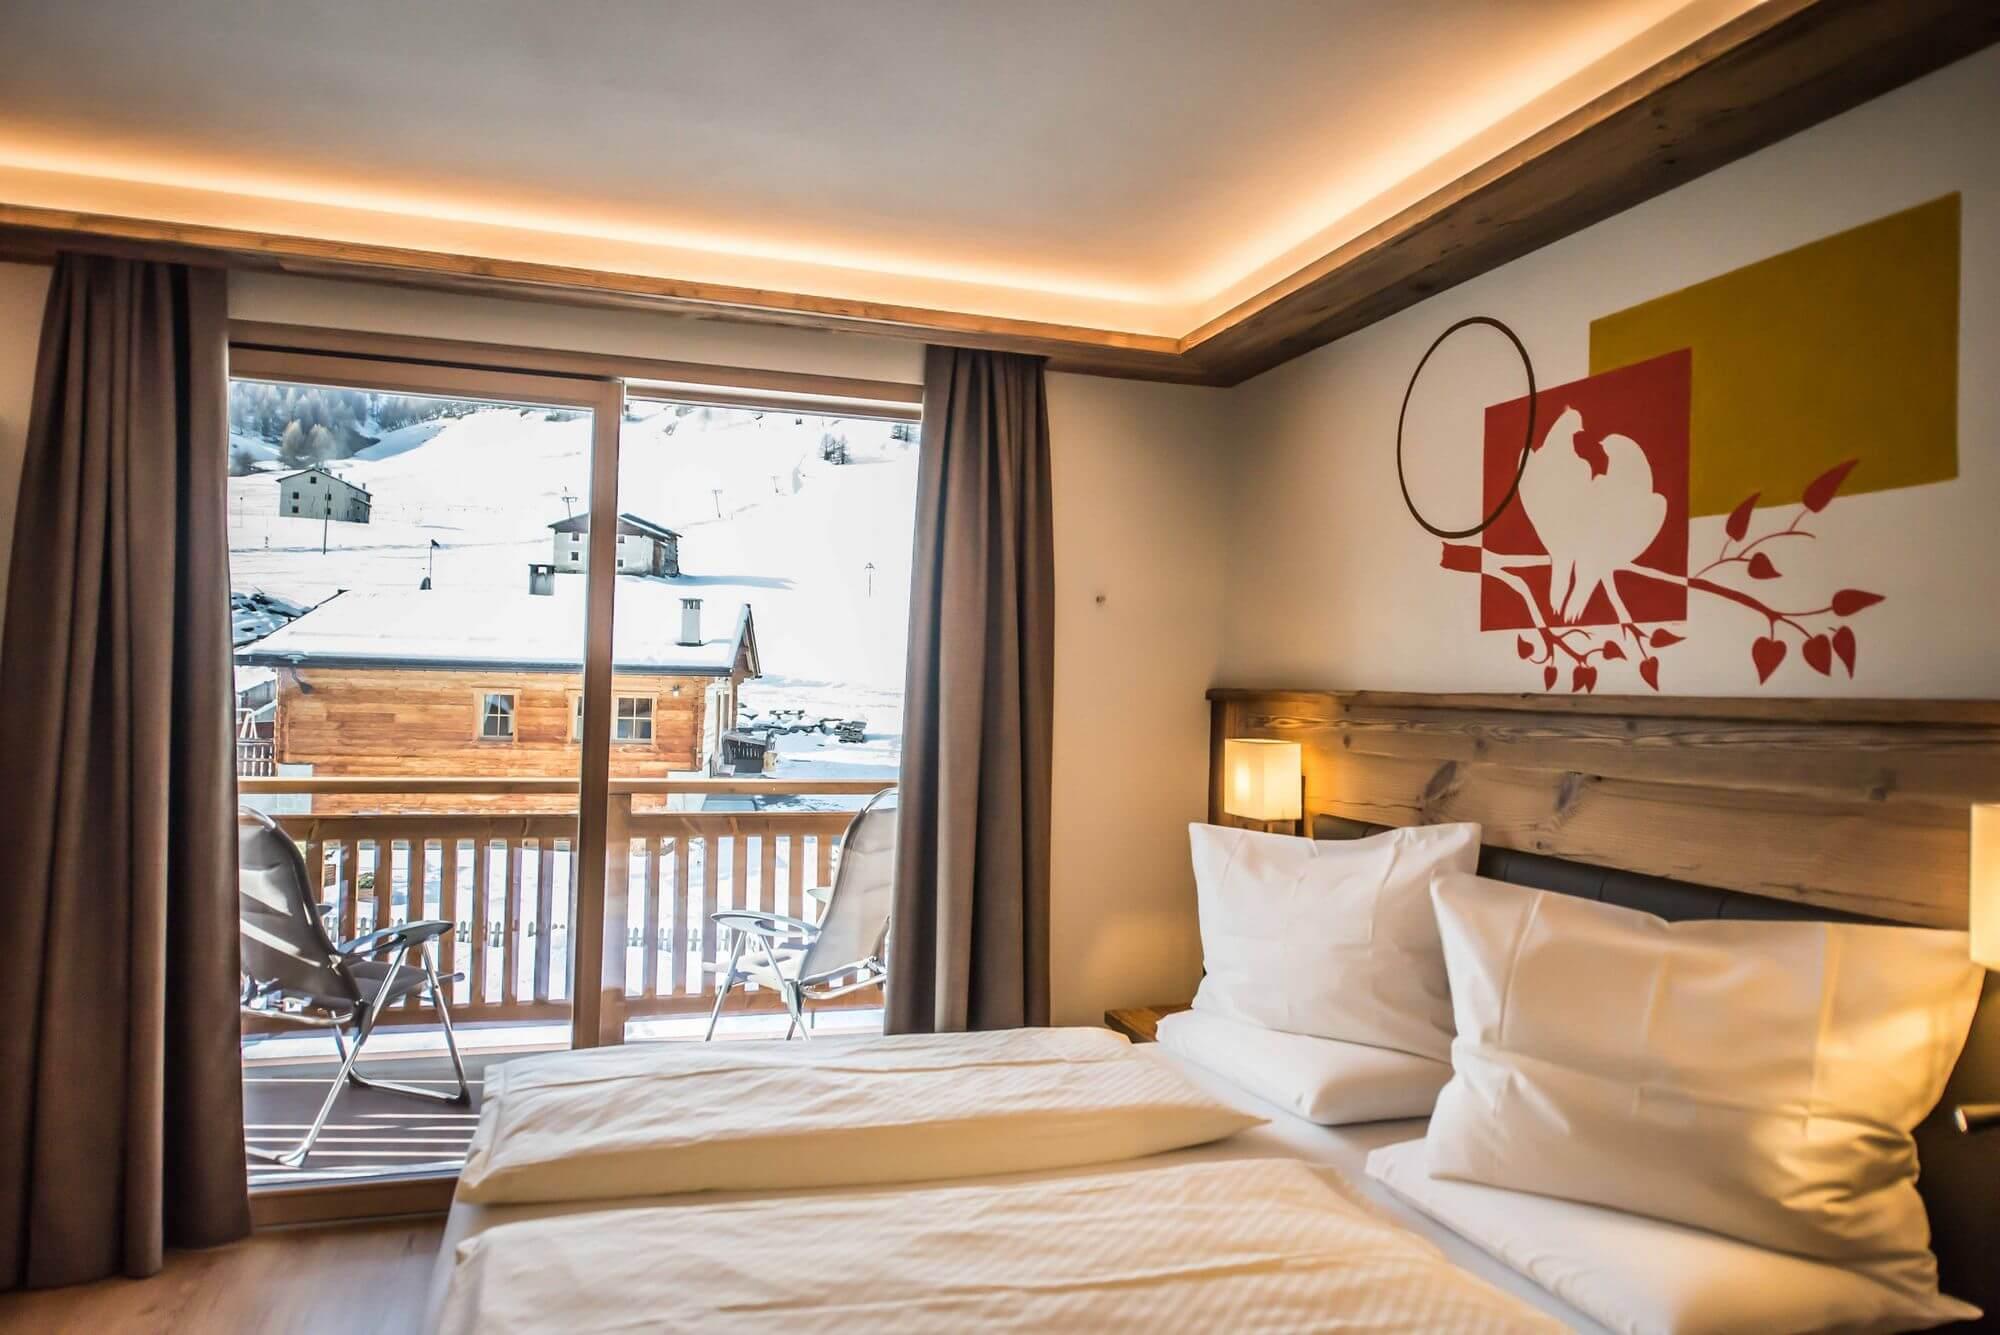 Camera con vista sulle baite di Livigno: Hotel Le Alpi